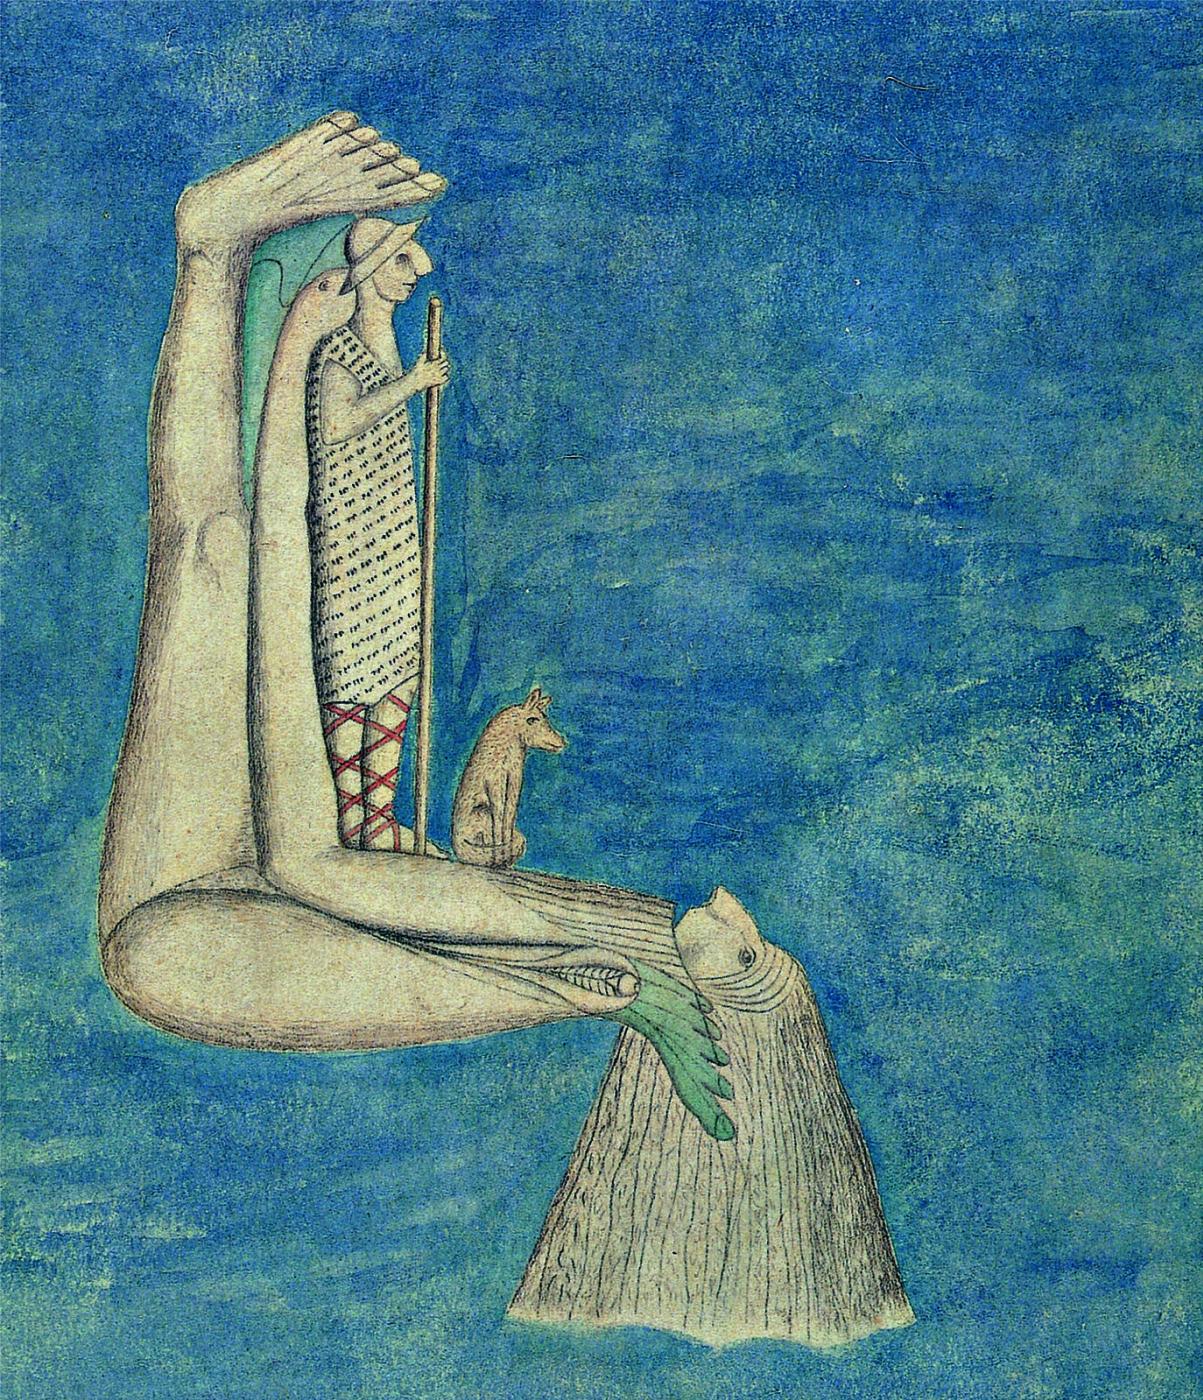 Сумасшедшее искусство  - «Чудо в обувной стельке»: коллекция доктора Принцхорна на выставке в Германии и прочий поразительный Бедлам